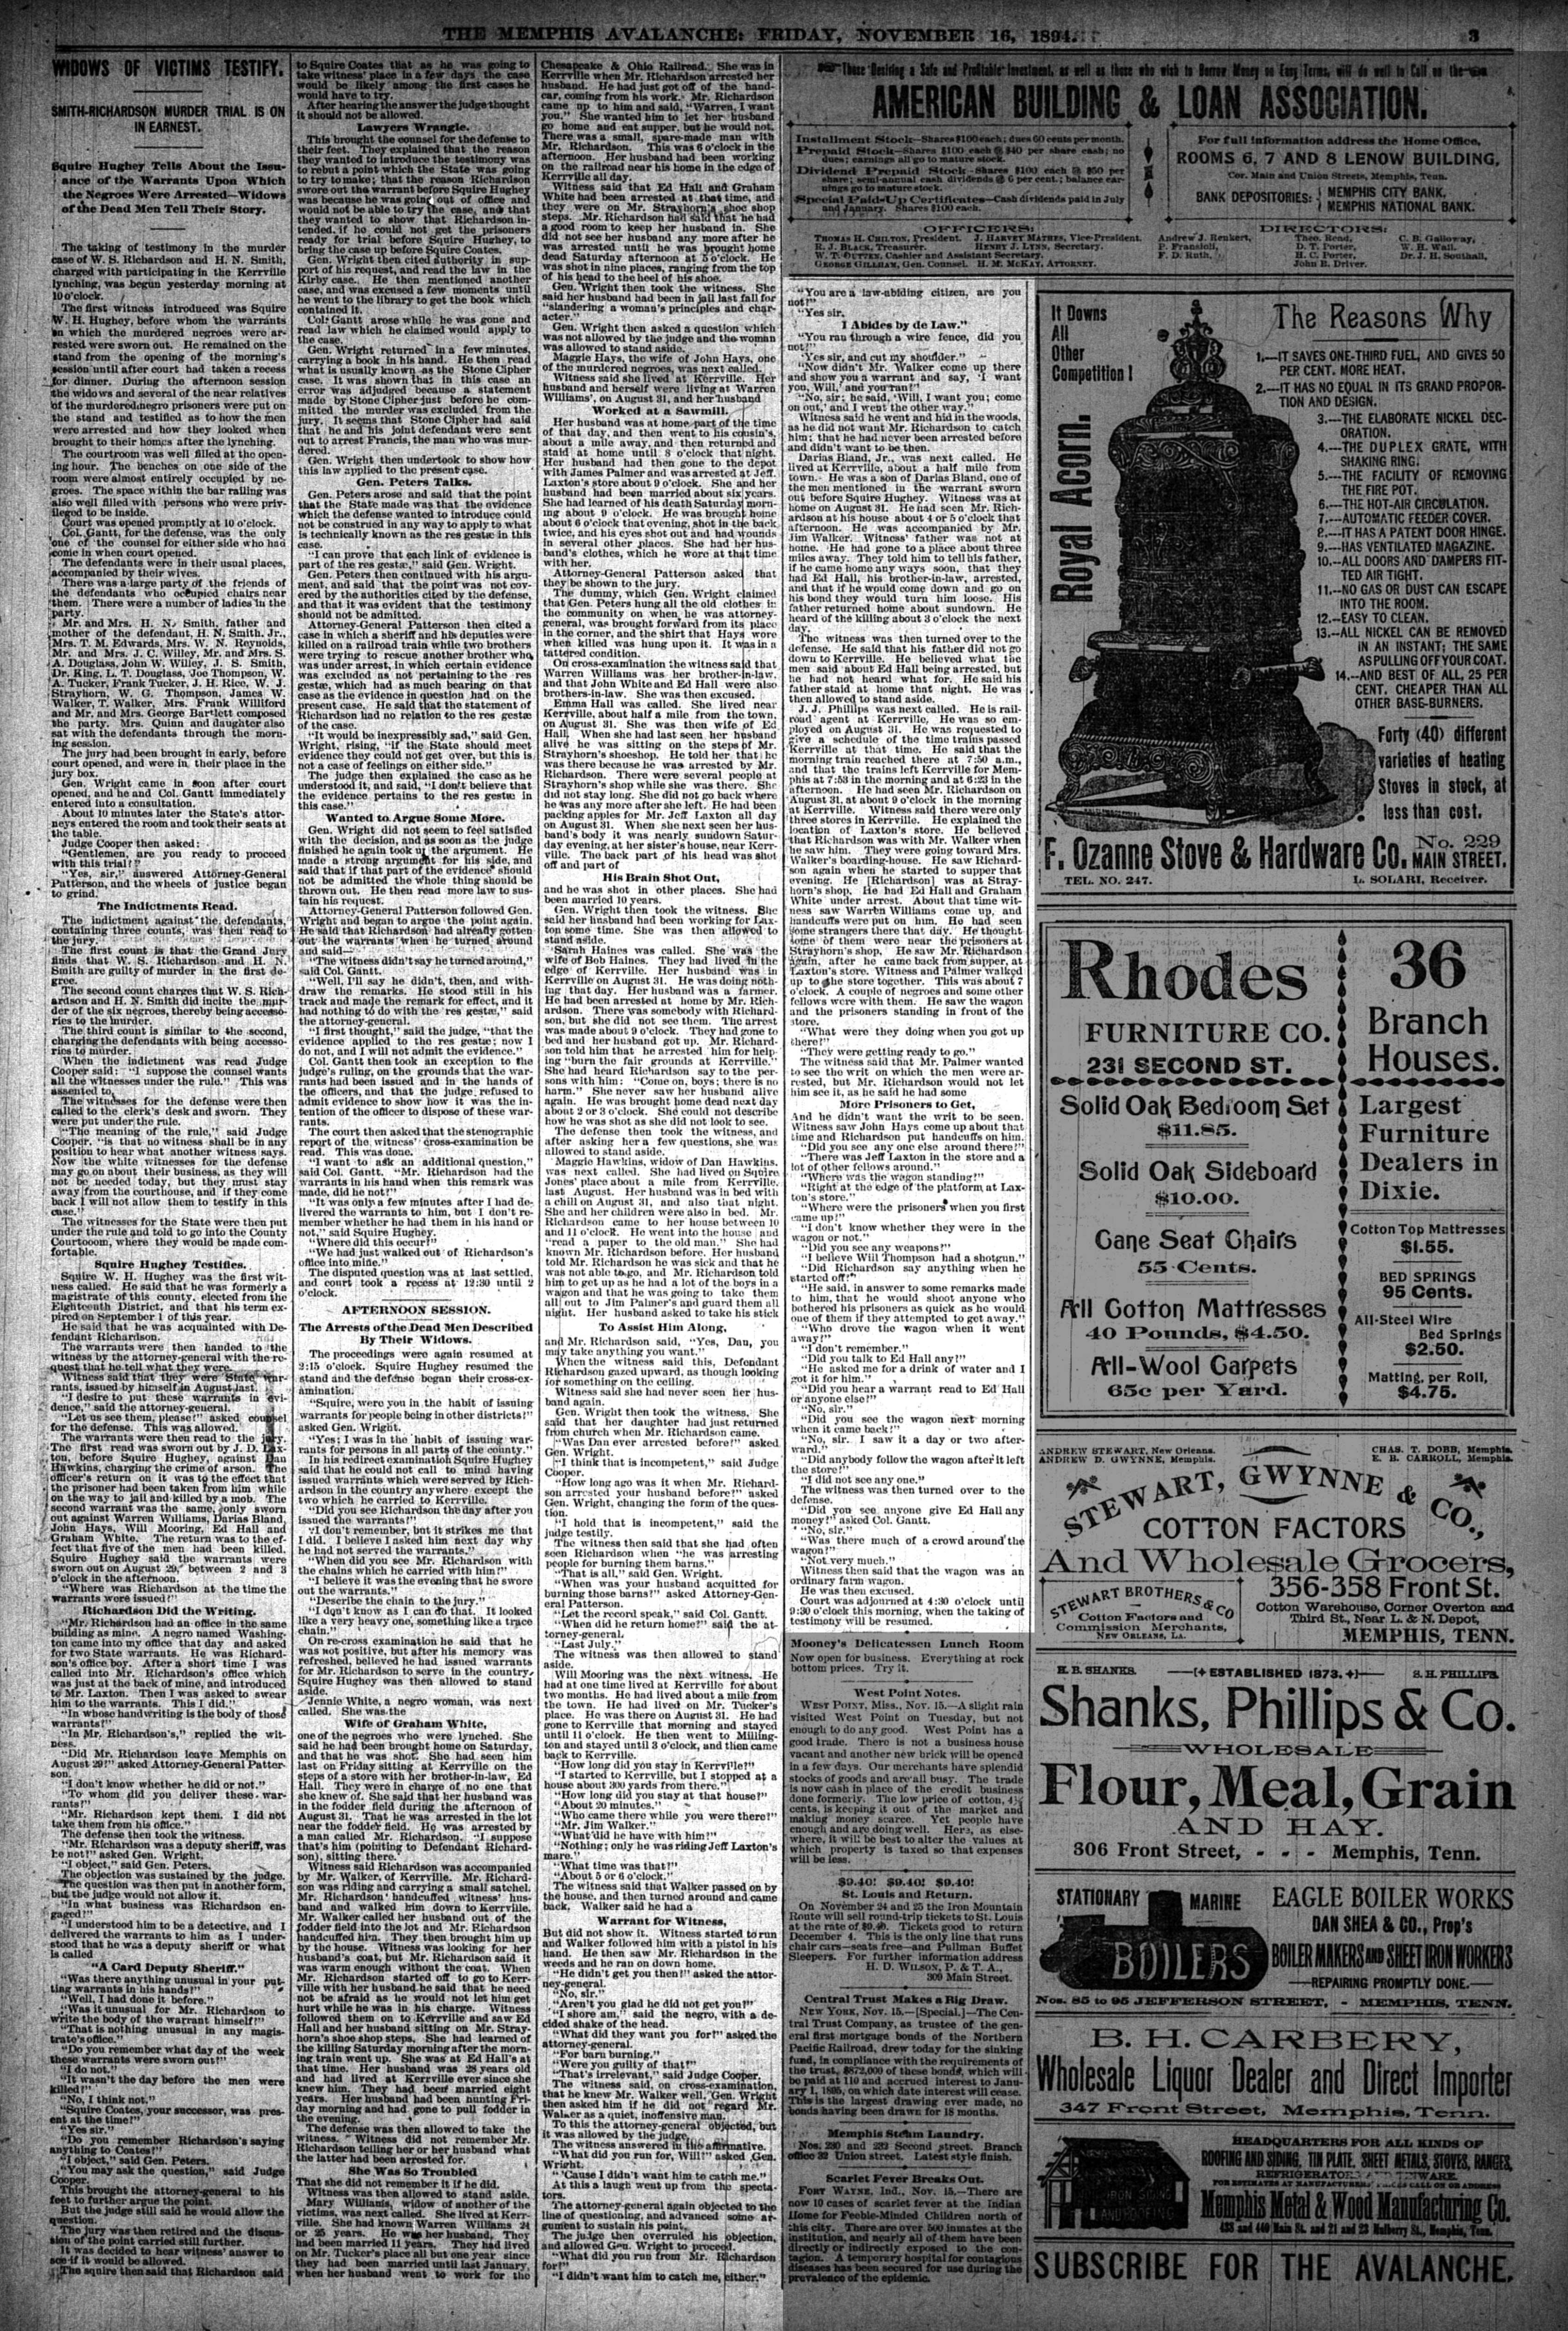 Memphis Avalanche, 11/16/1894